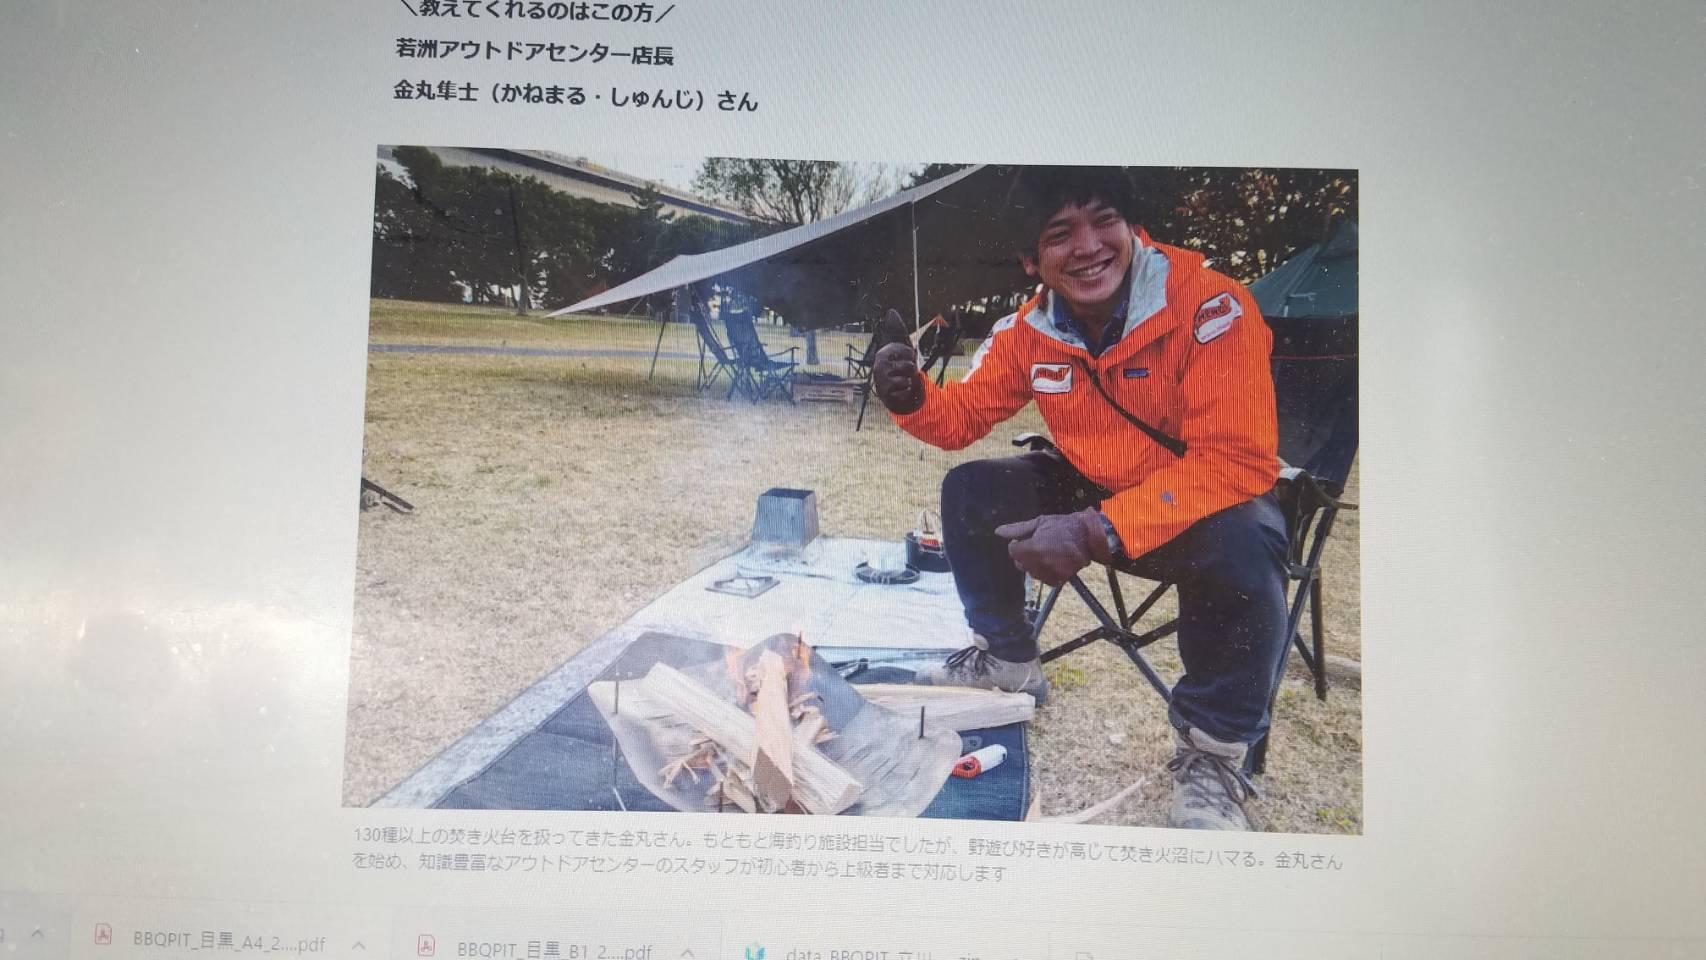 https://www.hero.co.jp/news/images/223155.jpg